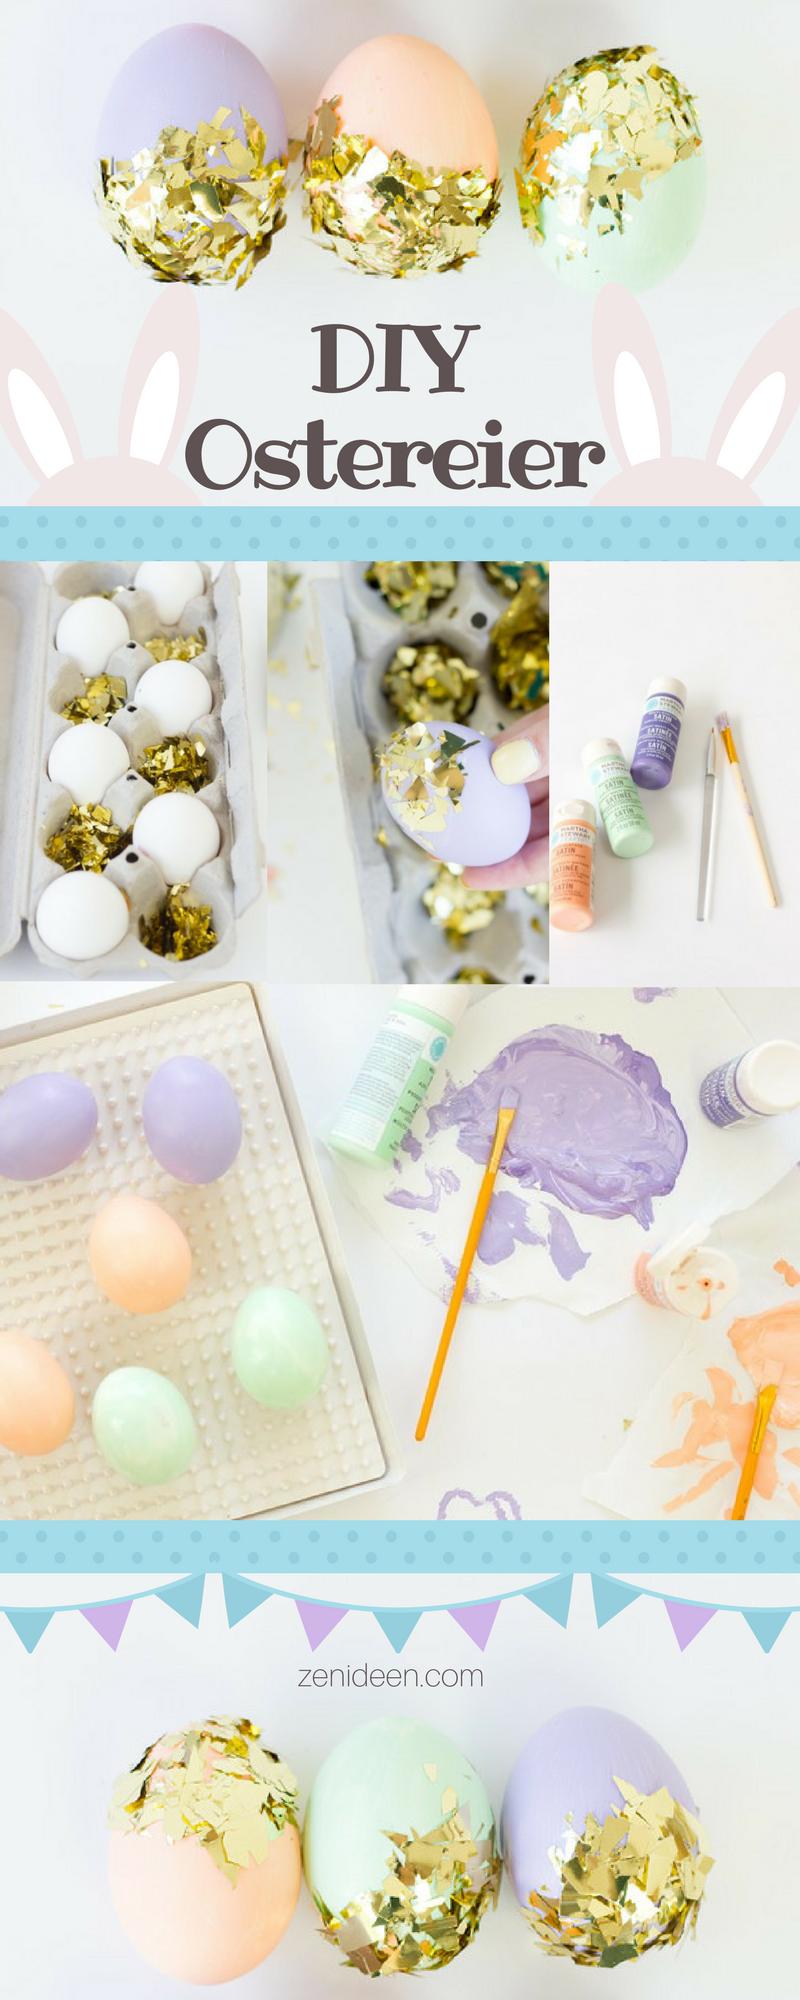 Noch viele kreative Ideen für Ostereier ohne Farbe Färben finden Sie da unten. Wir wünschen Ihnen viel Spaß beim Basteln und frohe Ostern!